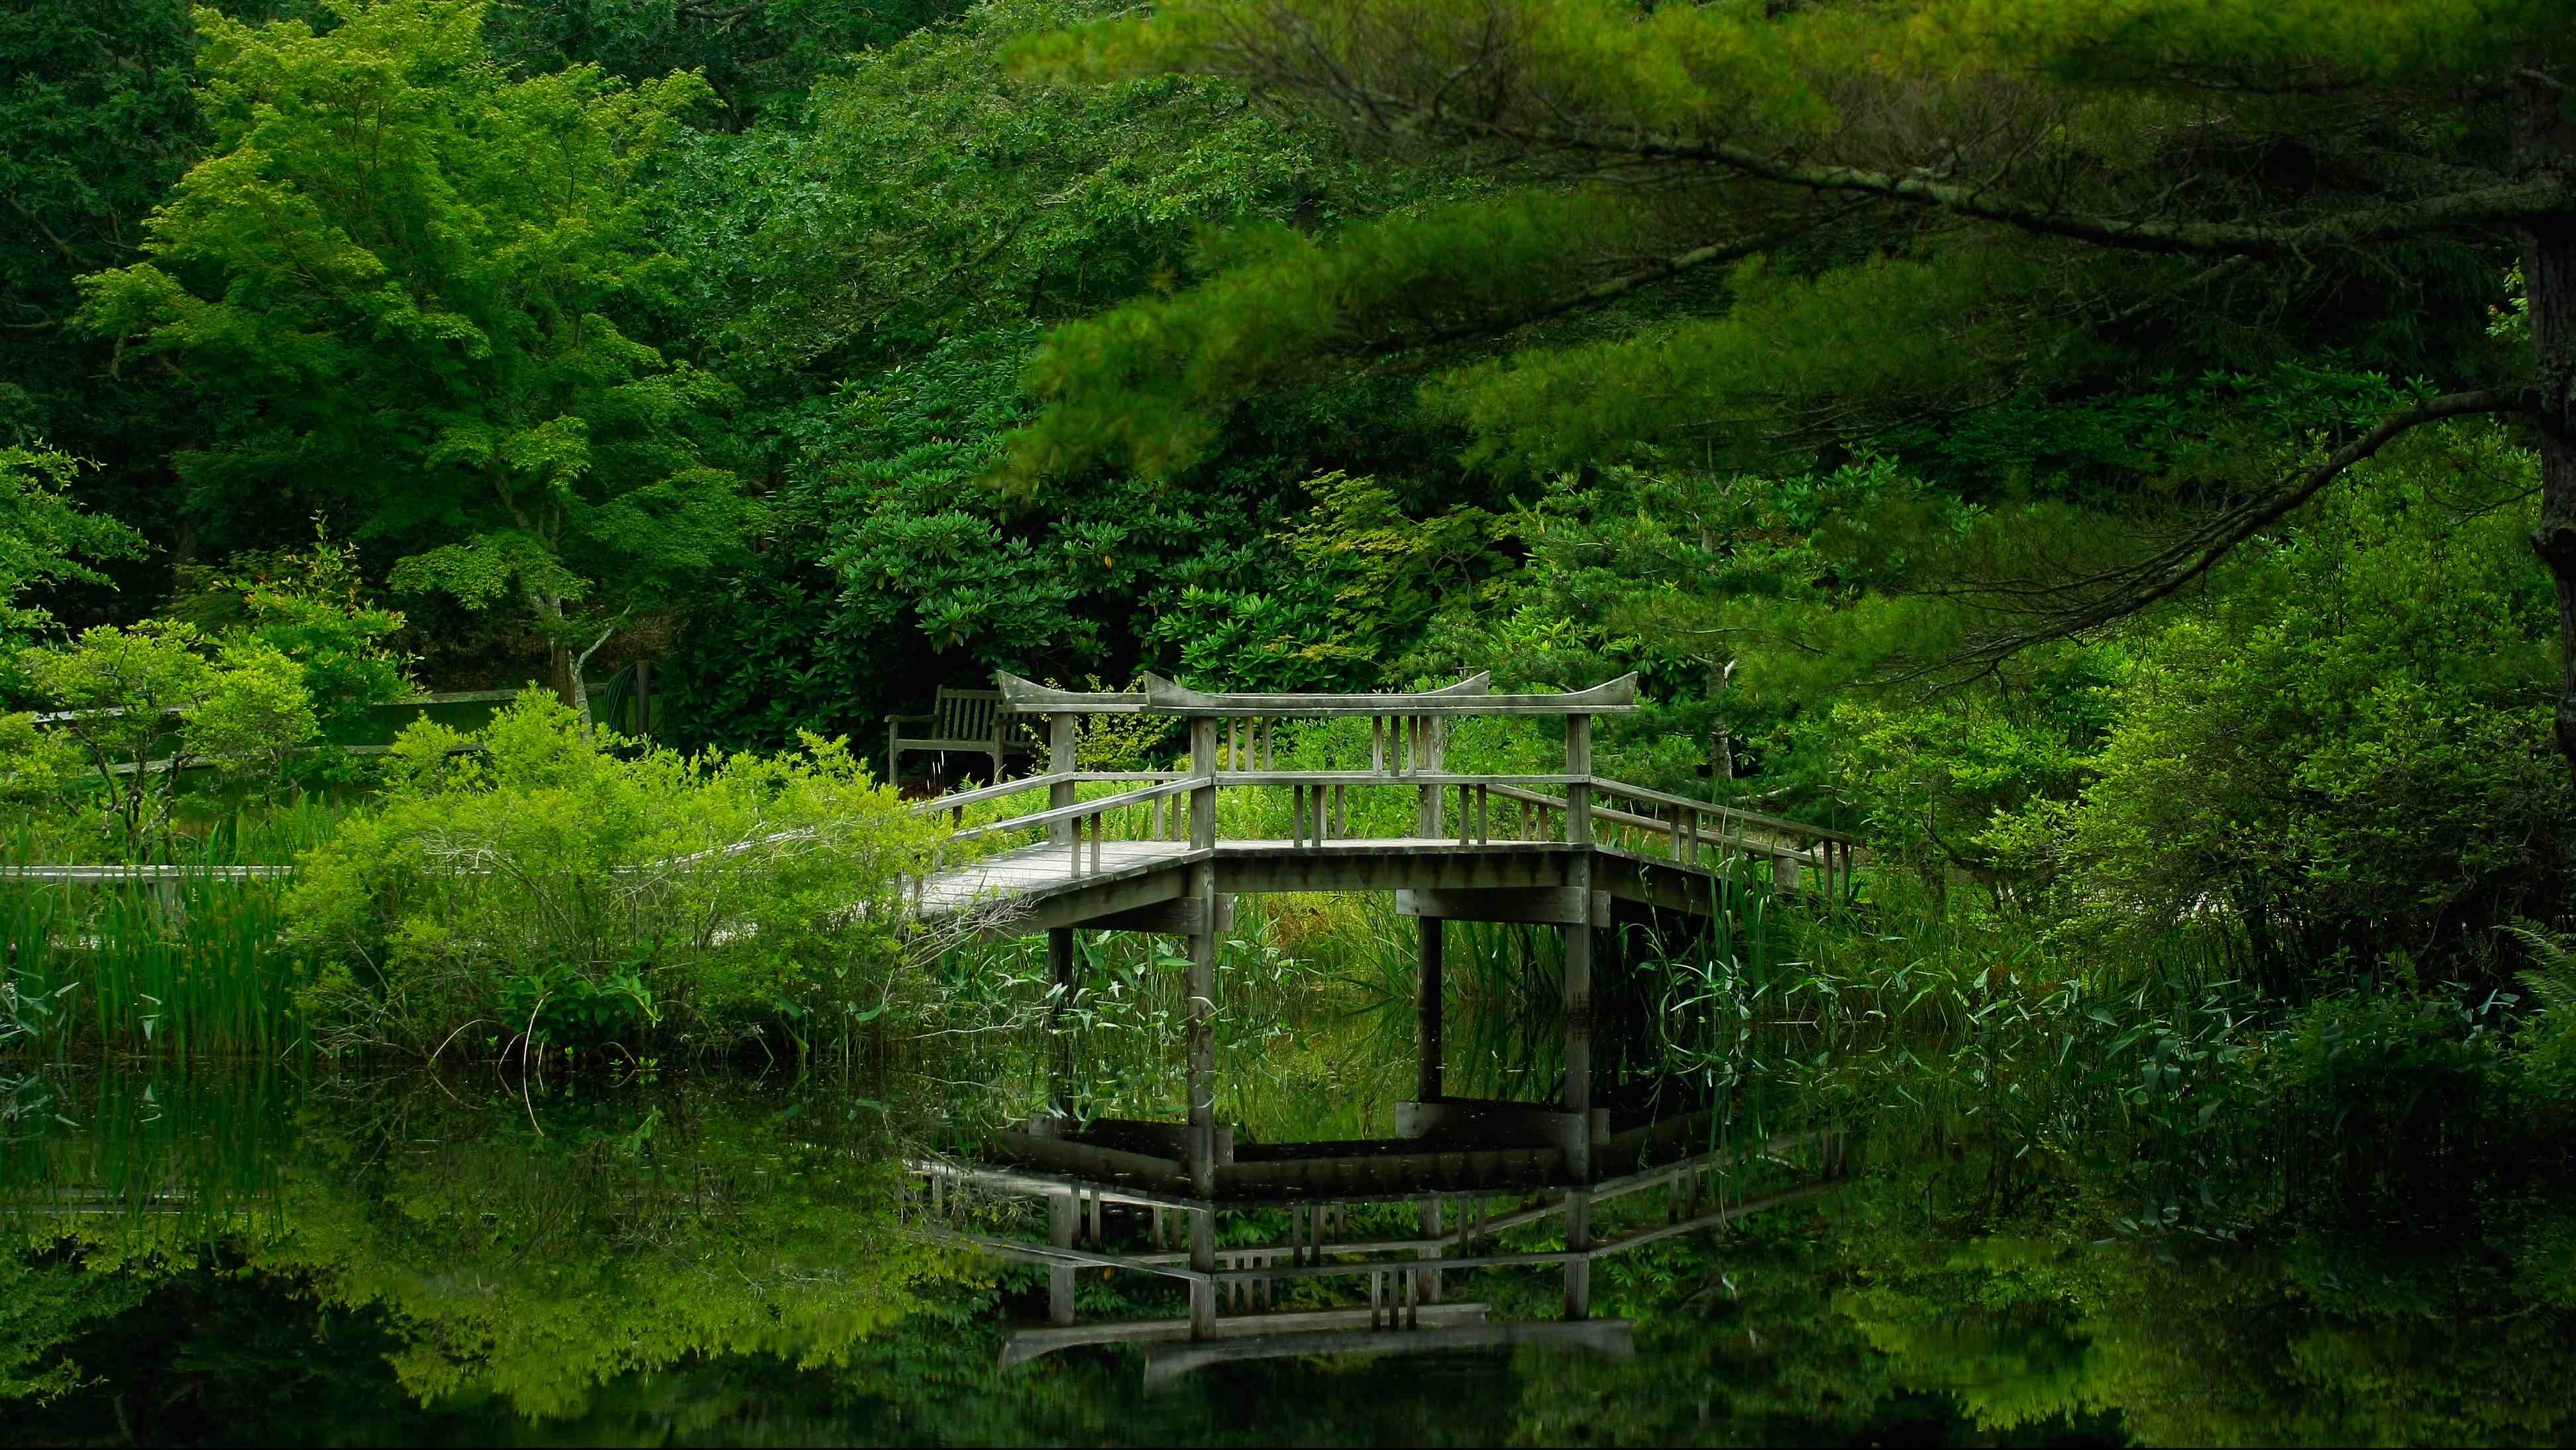 Hình nền phong cảnh thiên nhiên đẹp